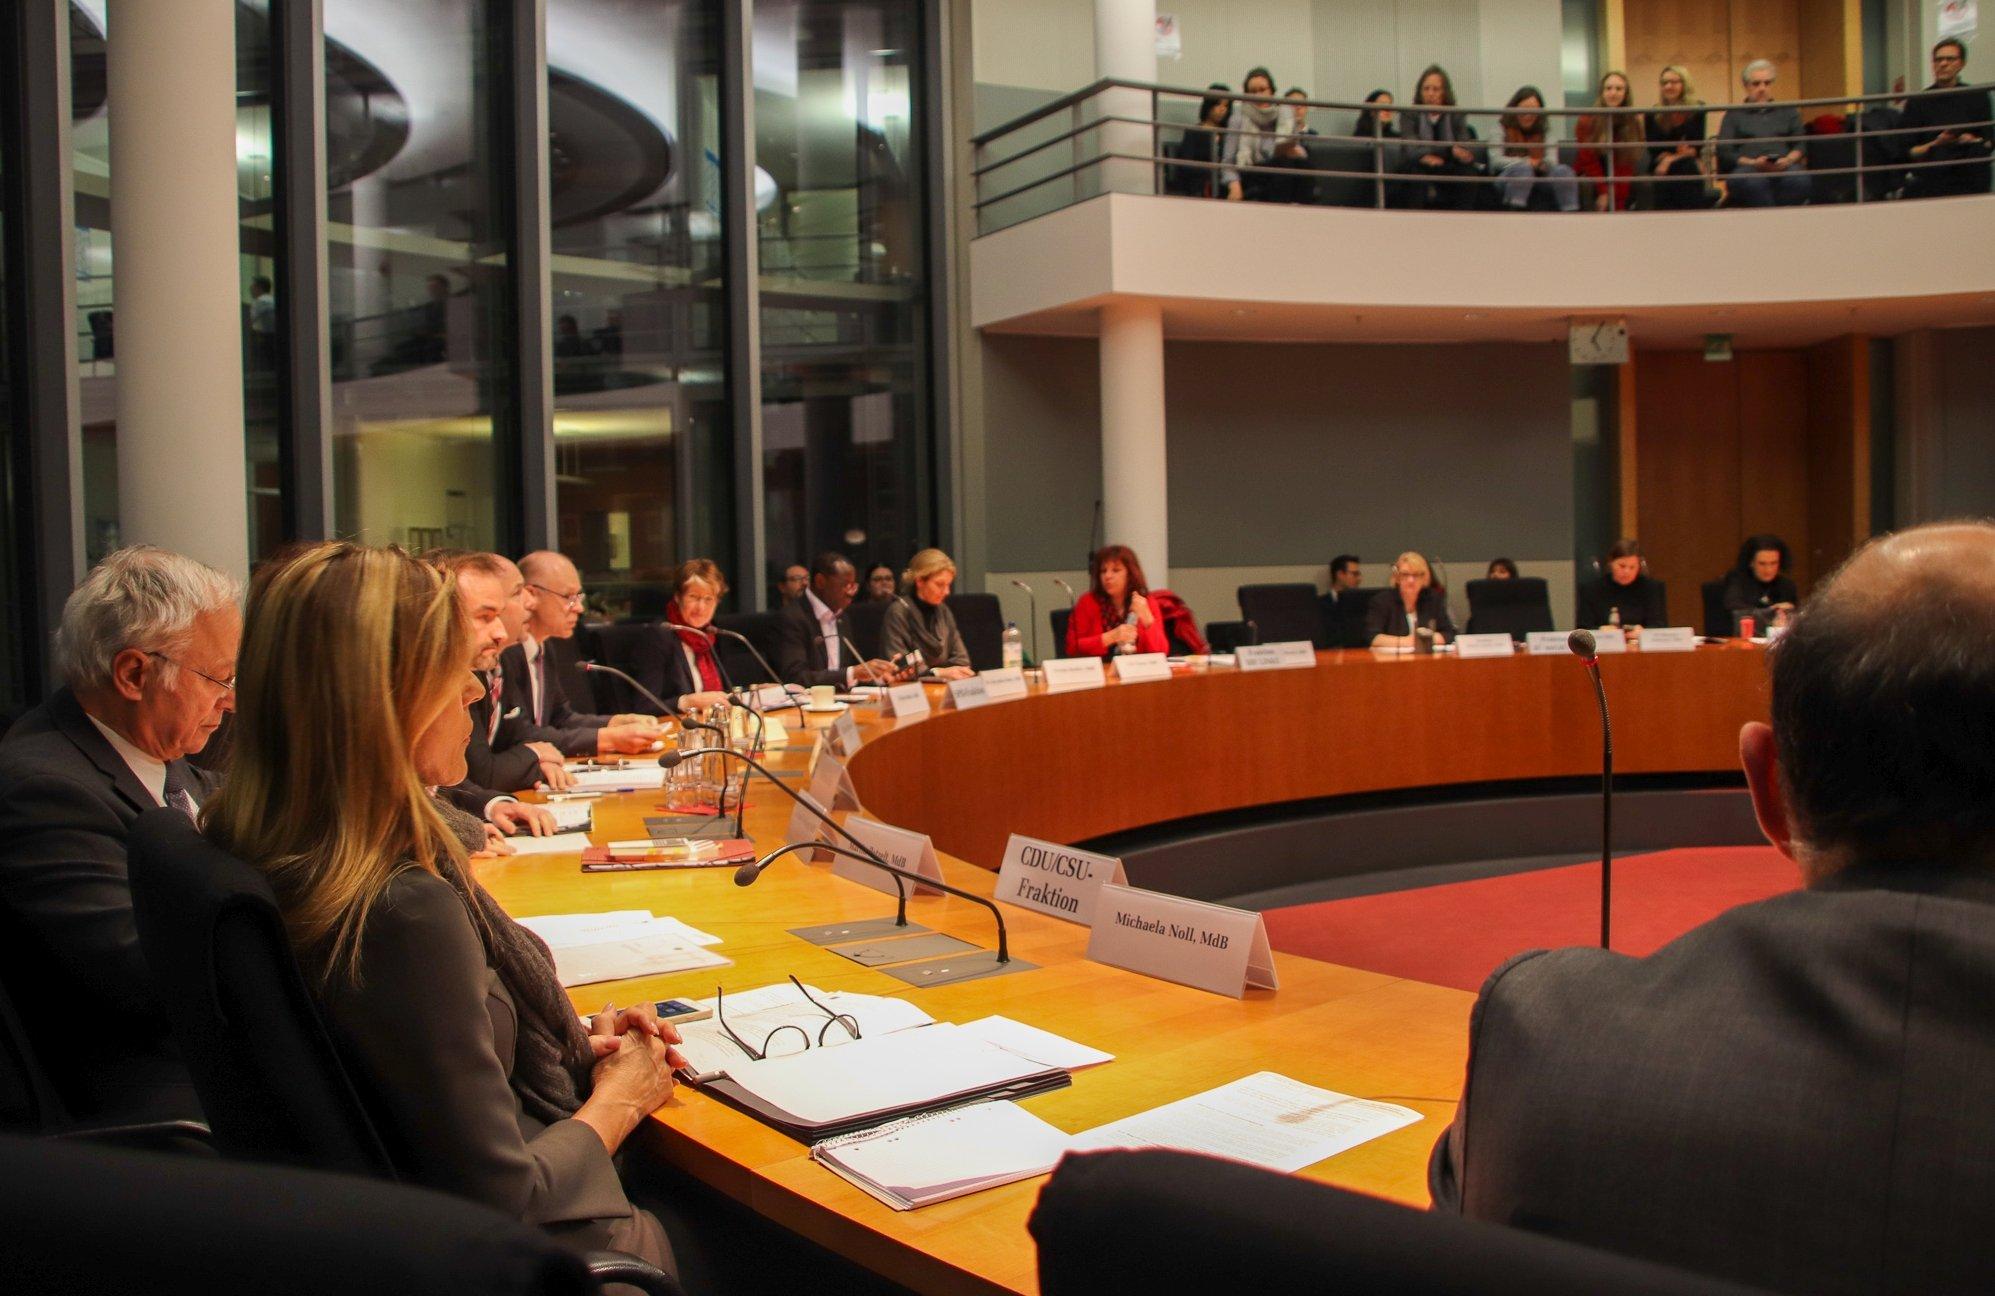 Öffentliche Anhörung Gemeinützigkeitsrecht - Unterausschuss Bürgerschaftliches Engagement, Foto © Nikolaus Hausser